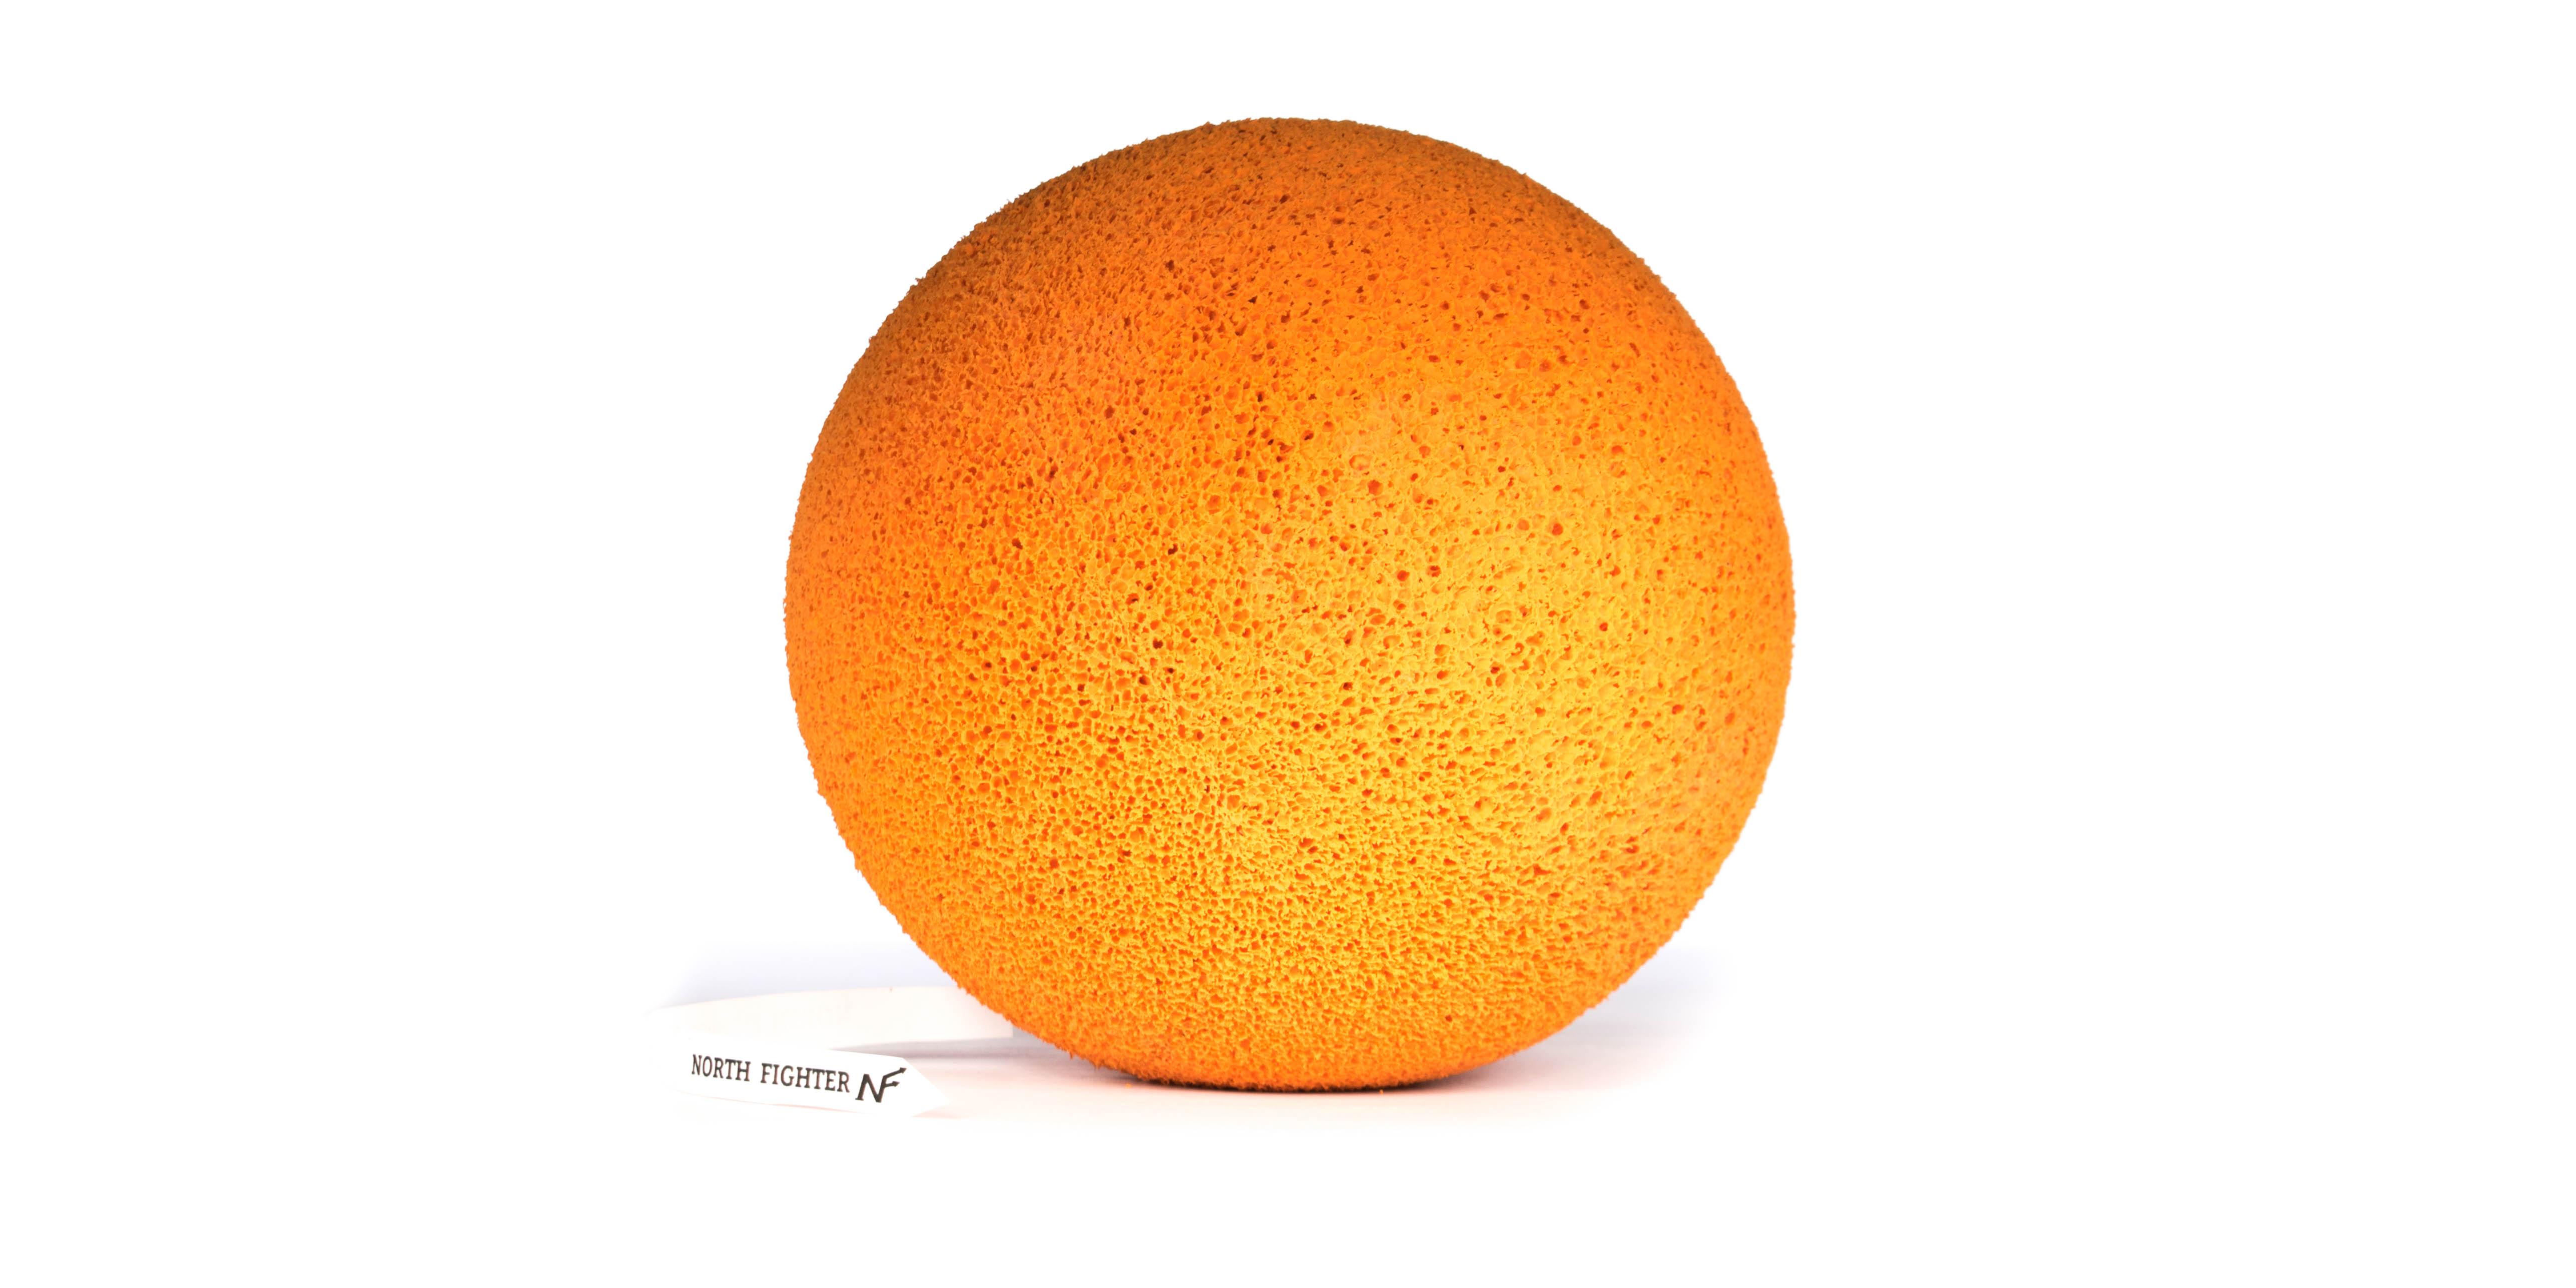 Piłka czyszcząca średnia do betonu NORTH FIGHTER®